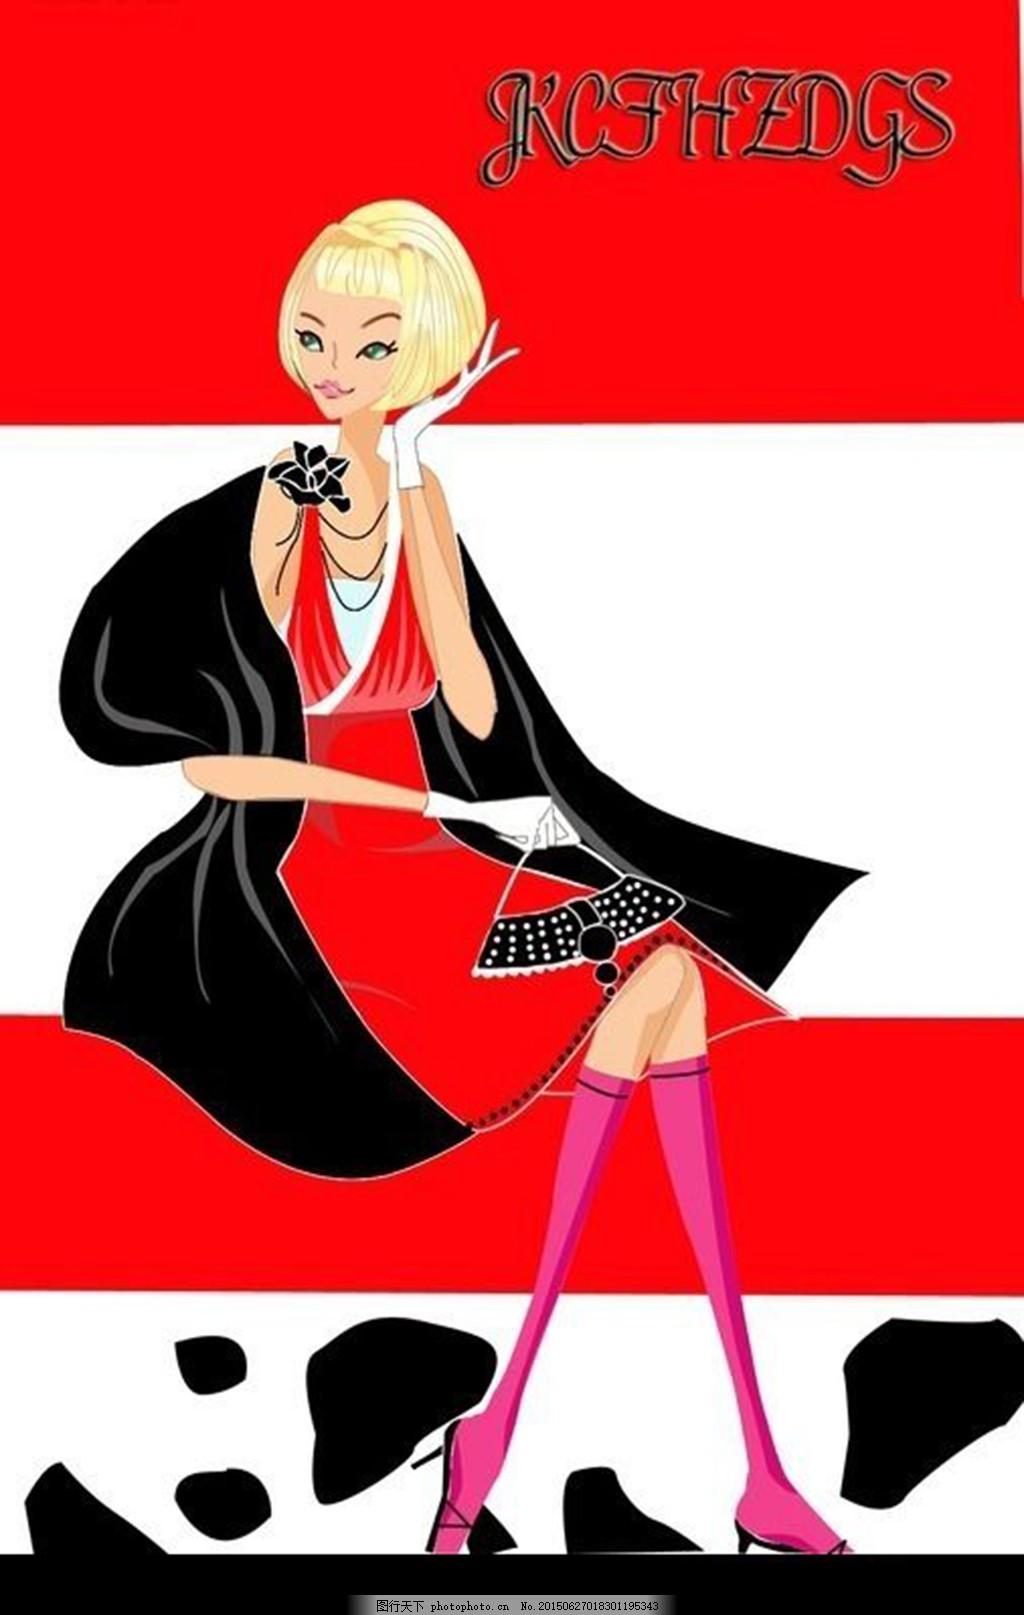 卡通插画女孩 短头发 红裙子 皮包 高跟鞋 黑披肩 卡通人物 漫画